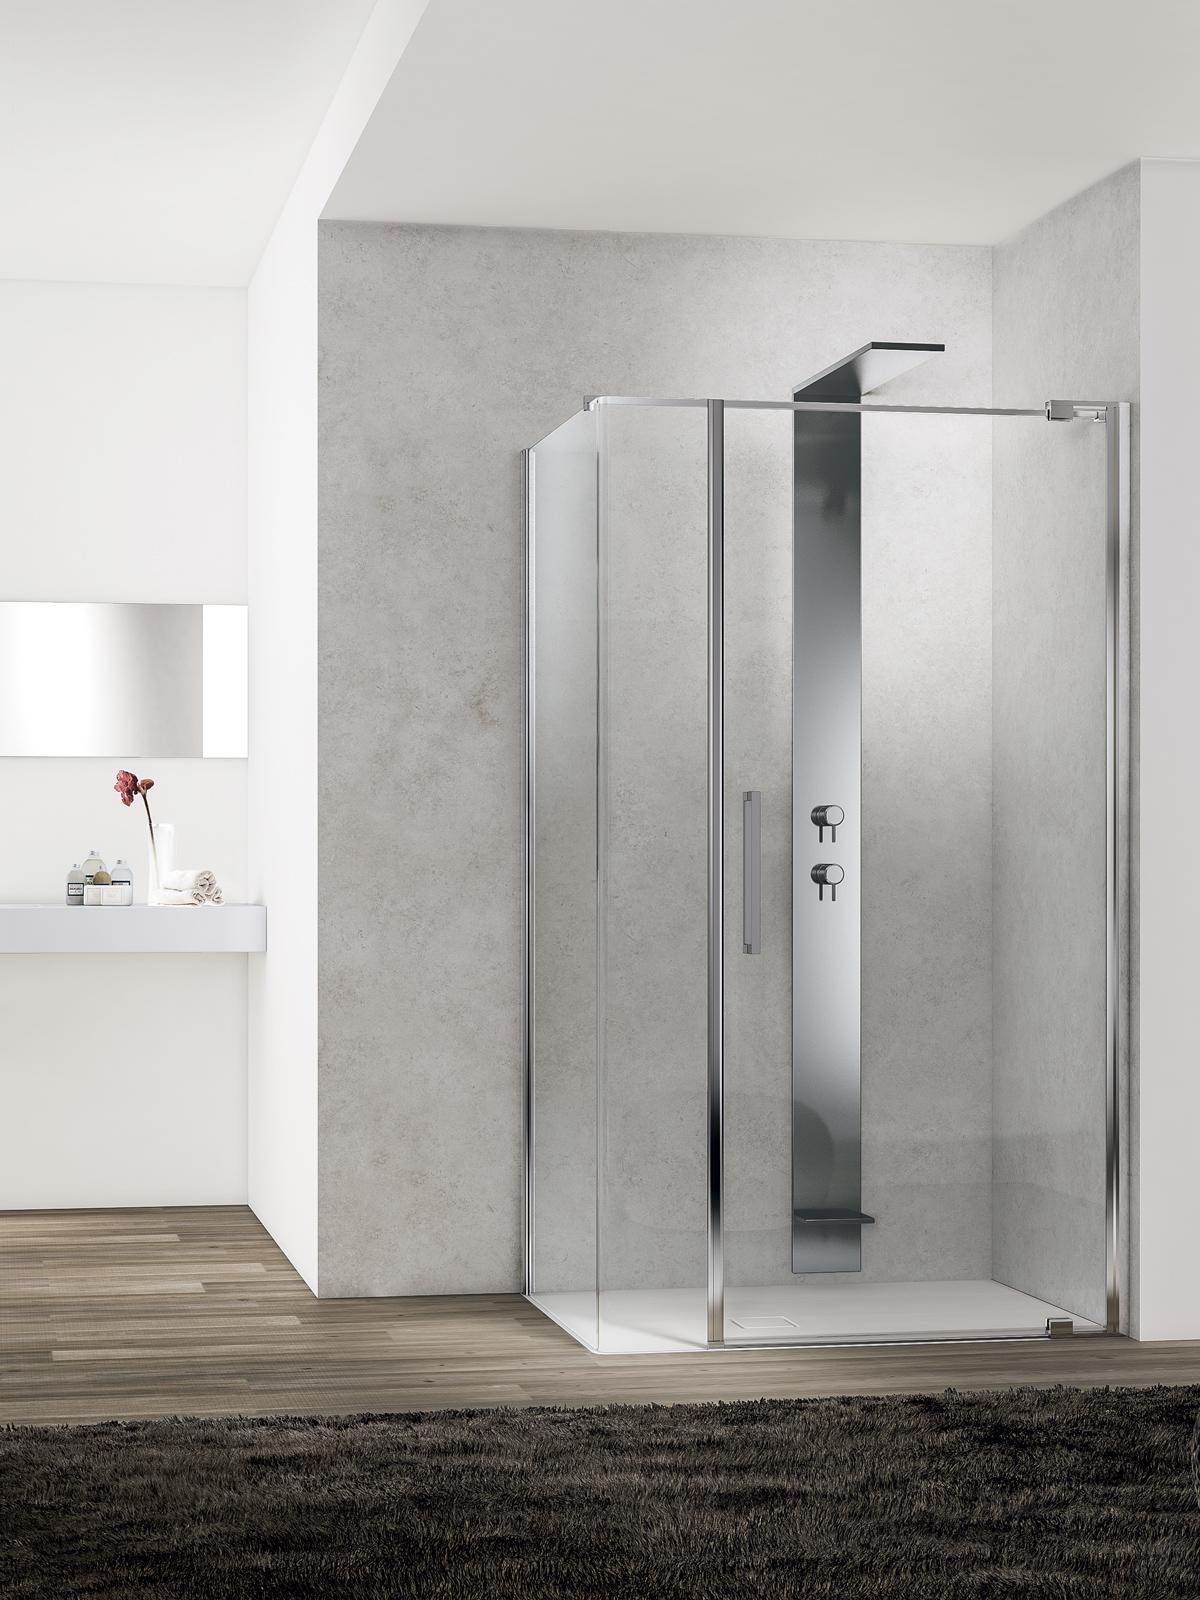 Eccezionale Come scegliere il box doccia ideale - Ideagroup Blog YK76